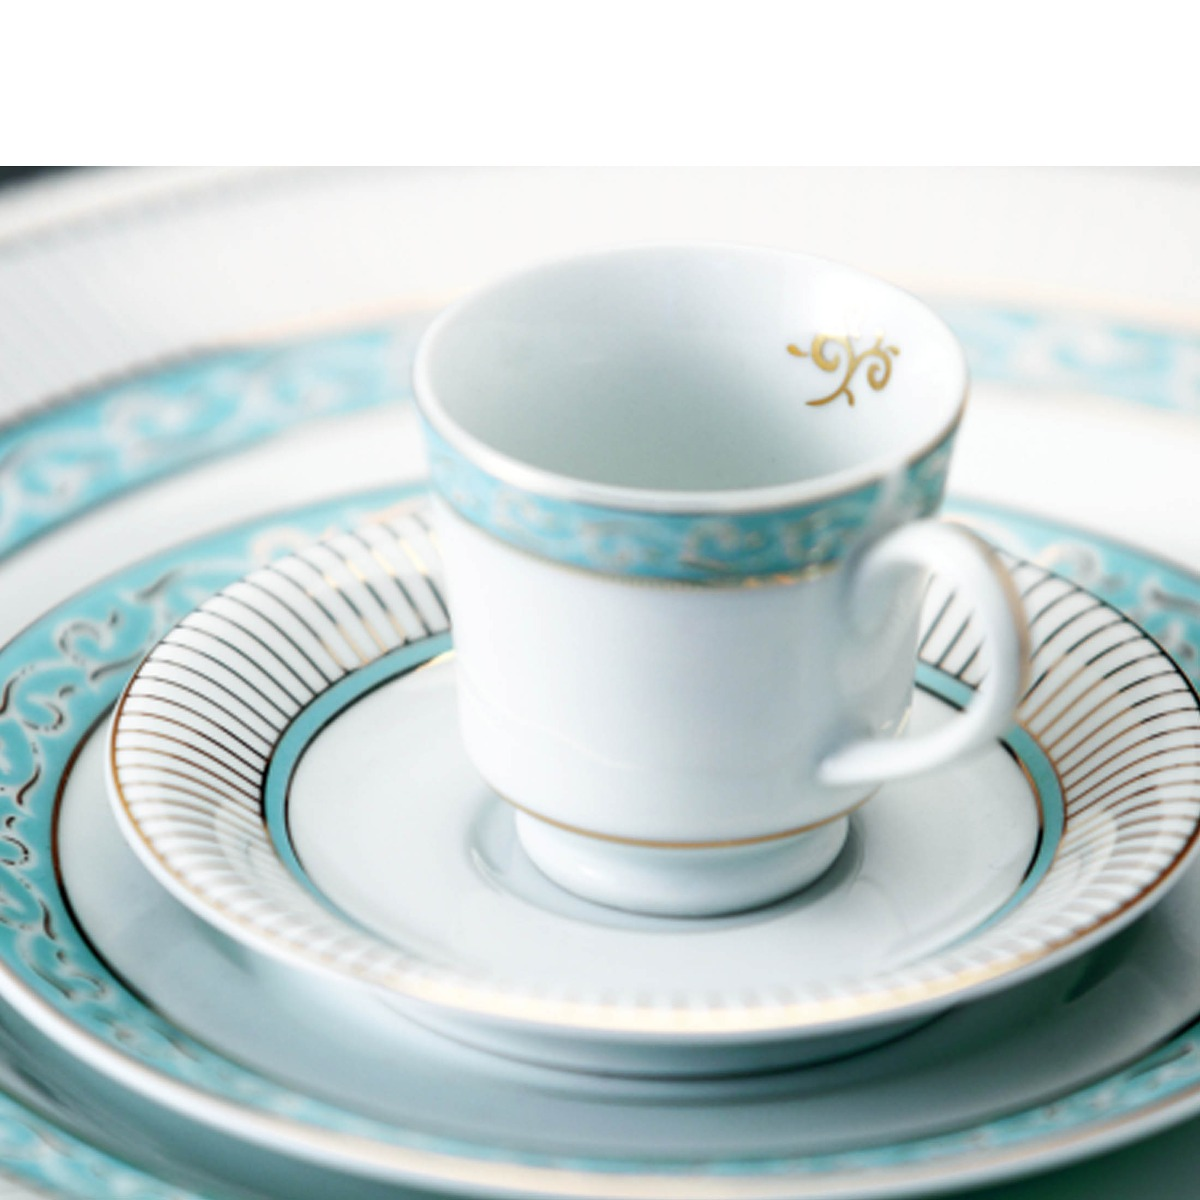 Aparelho De Jantar Audrey Schmidt Porcelana Azul 42 Peças R$ 1.649  #233C37 1200x1200